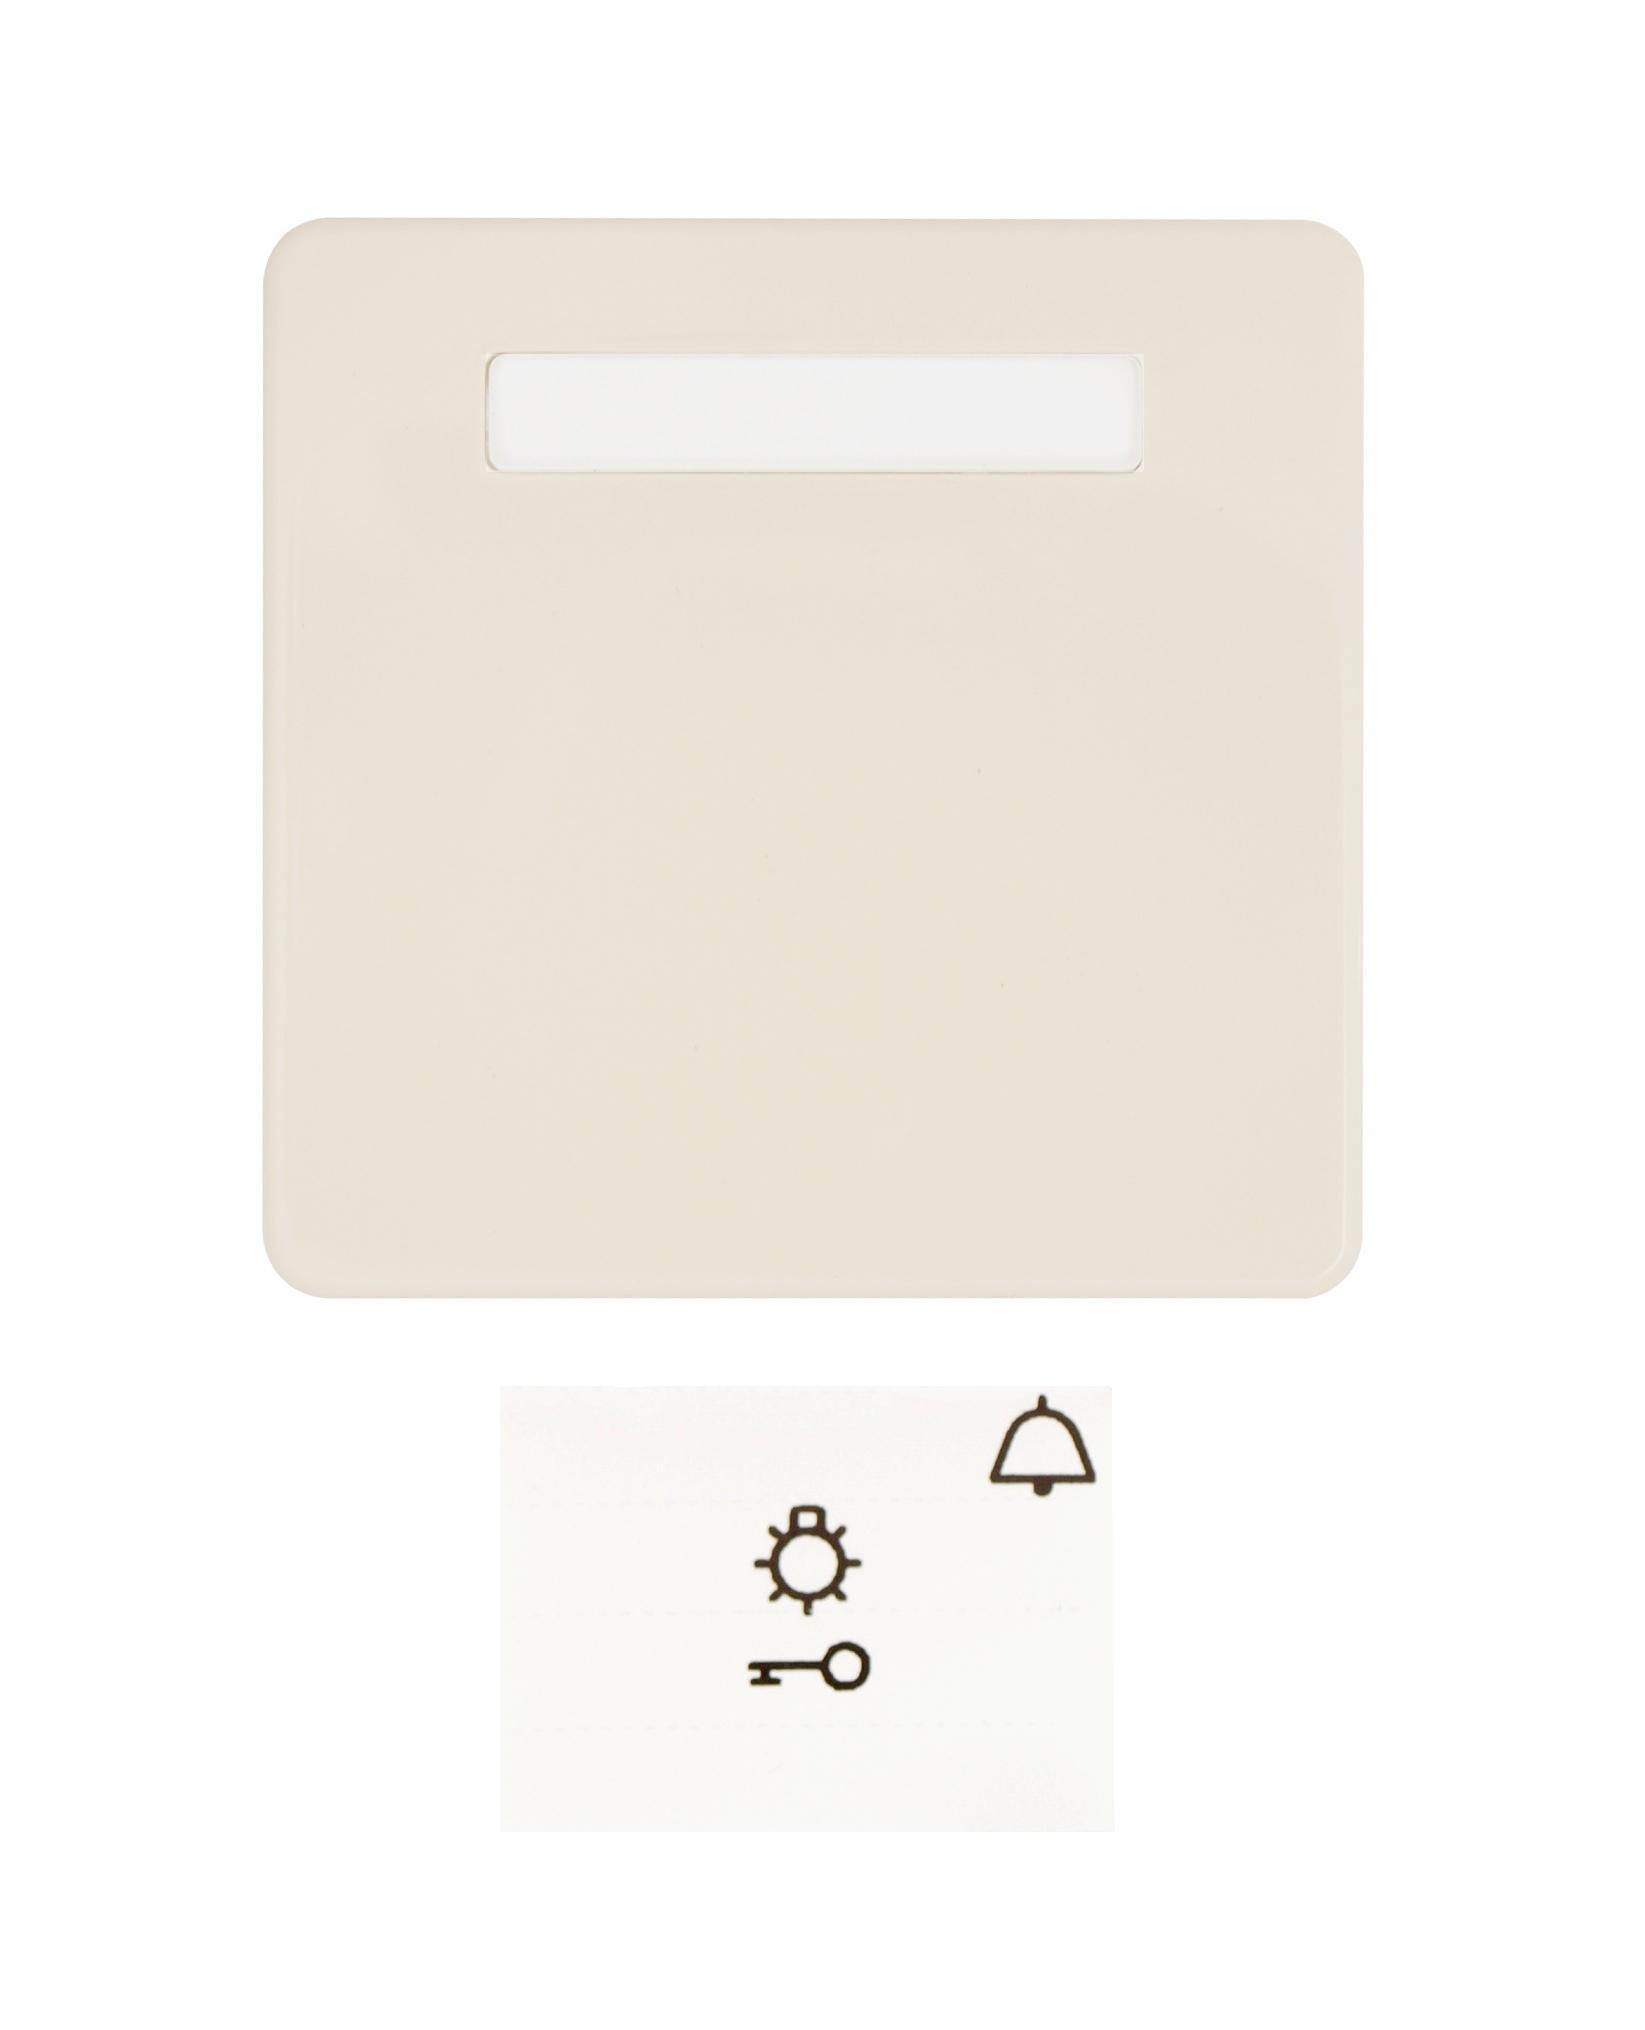 1 Stk Wippe mit Schriftfeld, beleuchtbar, perweiß, Riva EL233620--